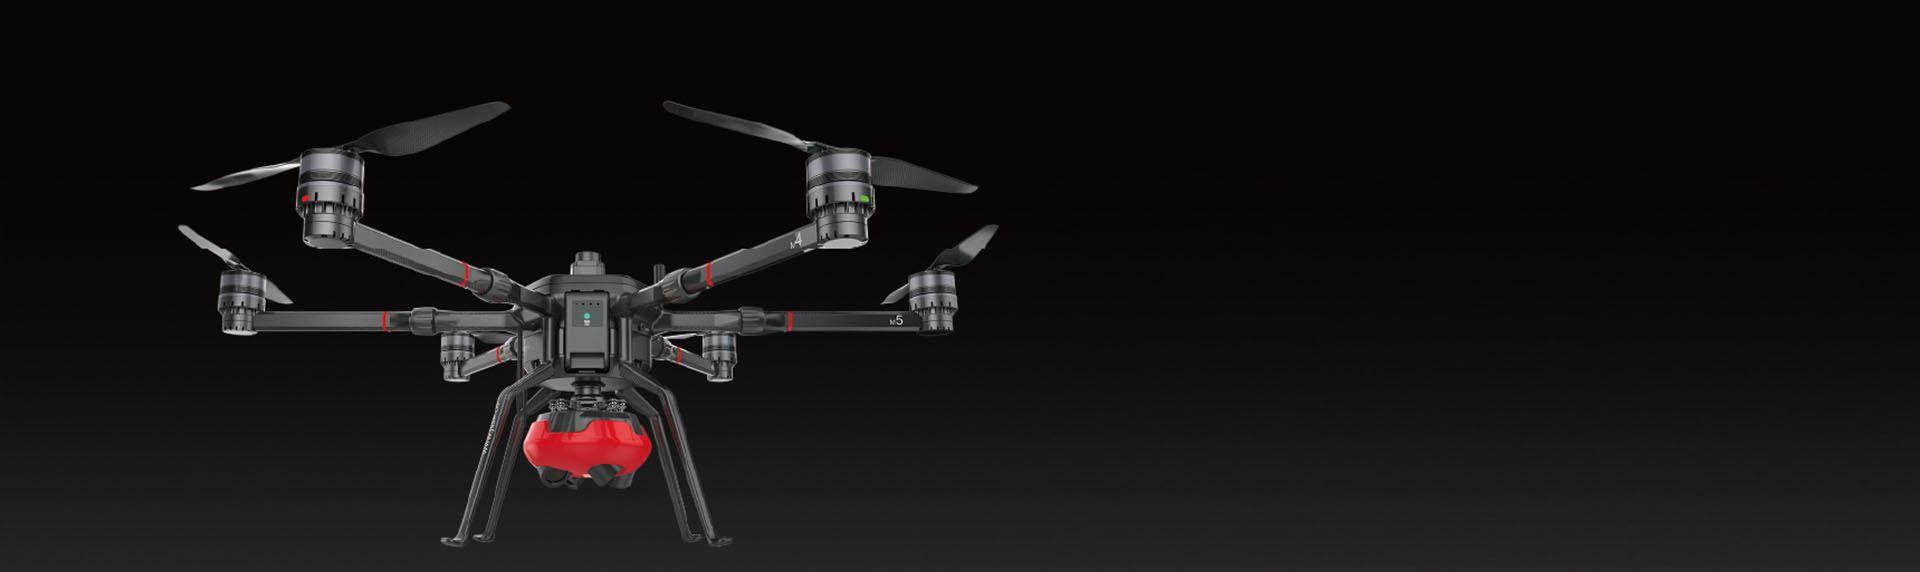 SSC设计-黑鹰实力与颜值并存的无人机